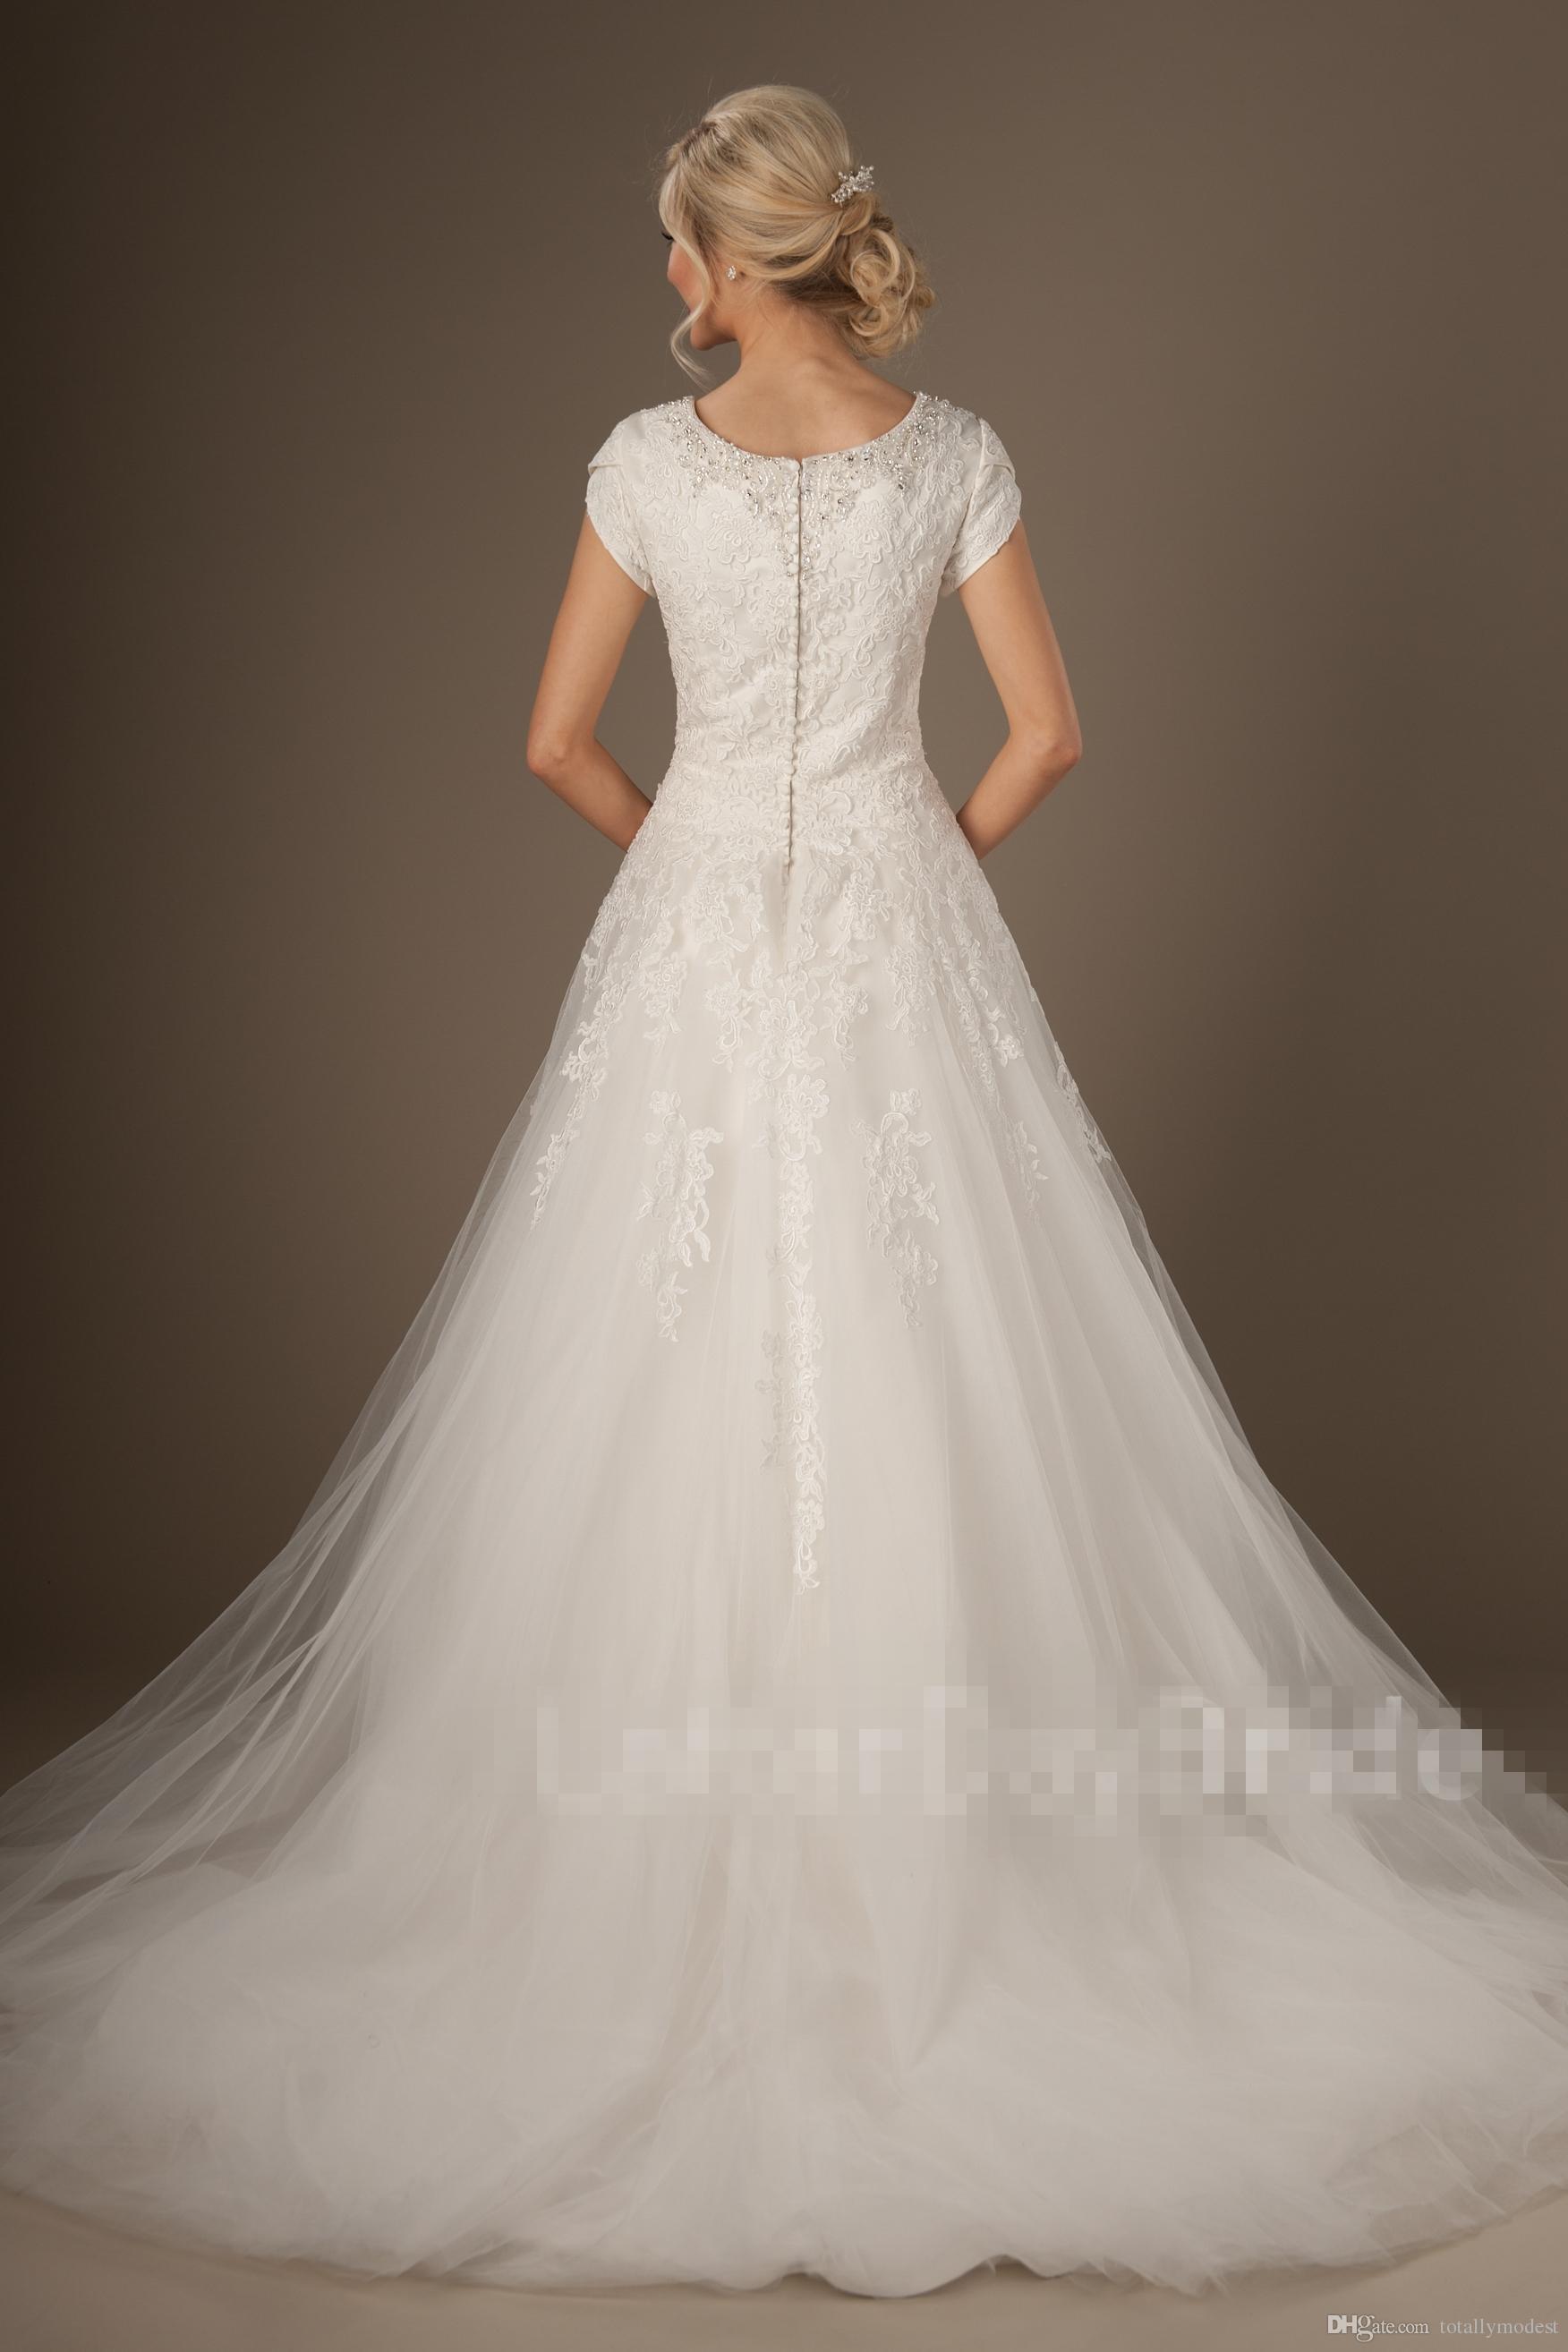 Nouveaux Robes De Mariée Modeste Manches Perlées Encolure Boutons Dos En Dentelle Appliques A-ligne Tulle Pays Western Robes De Mariée Sur Mesure